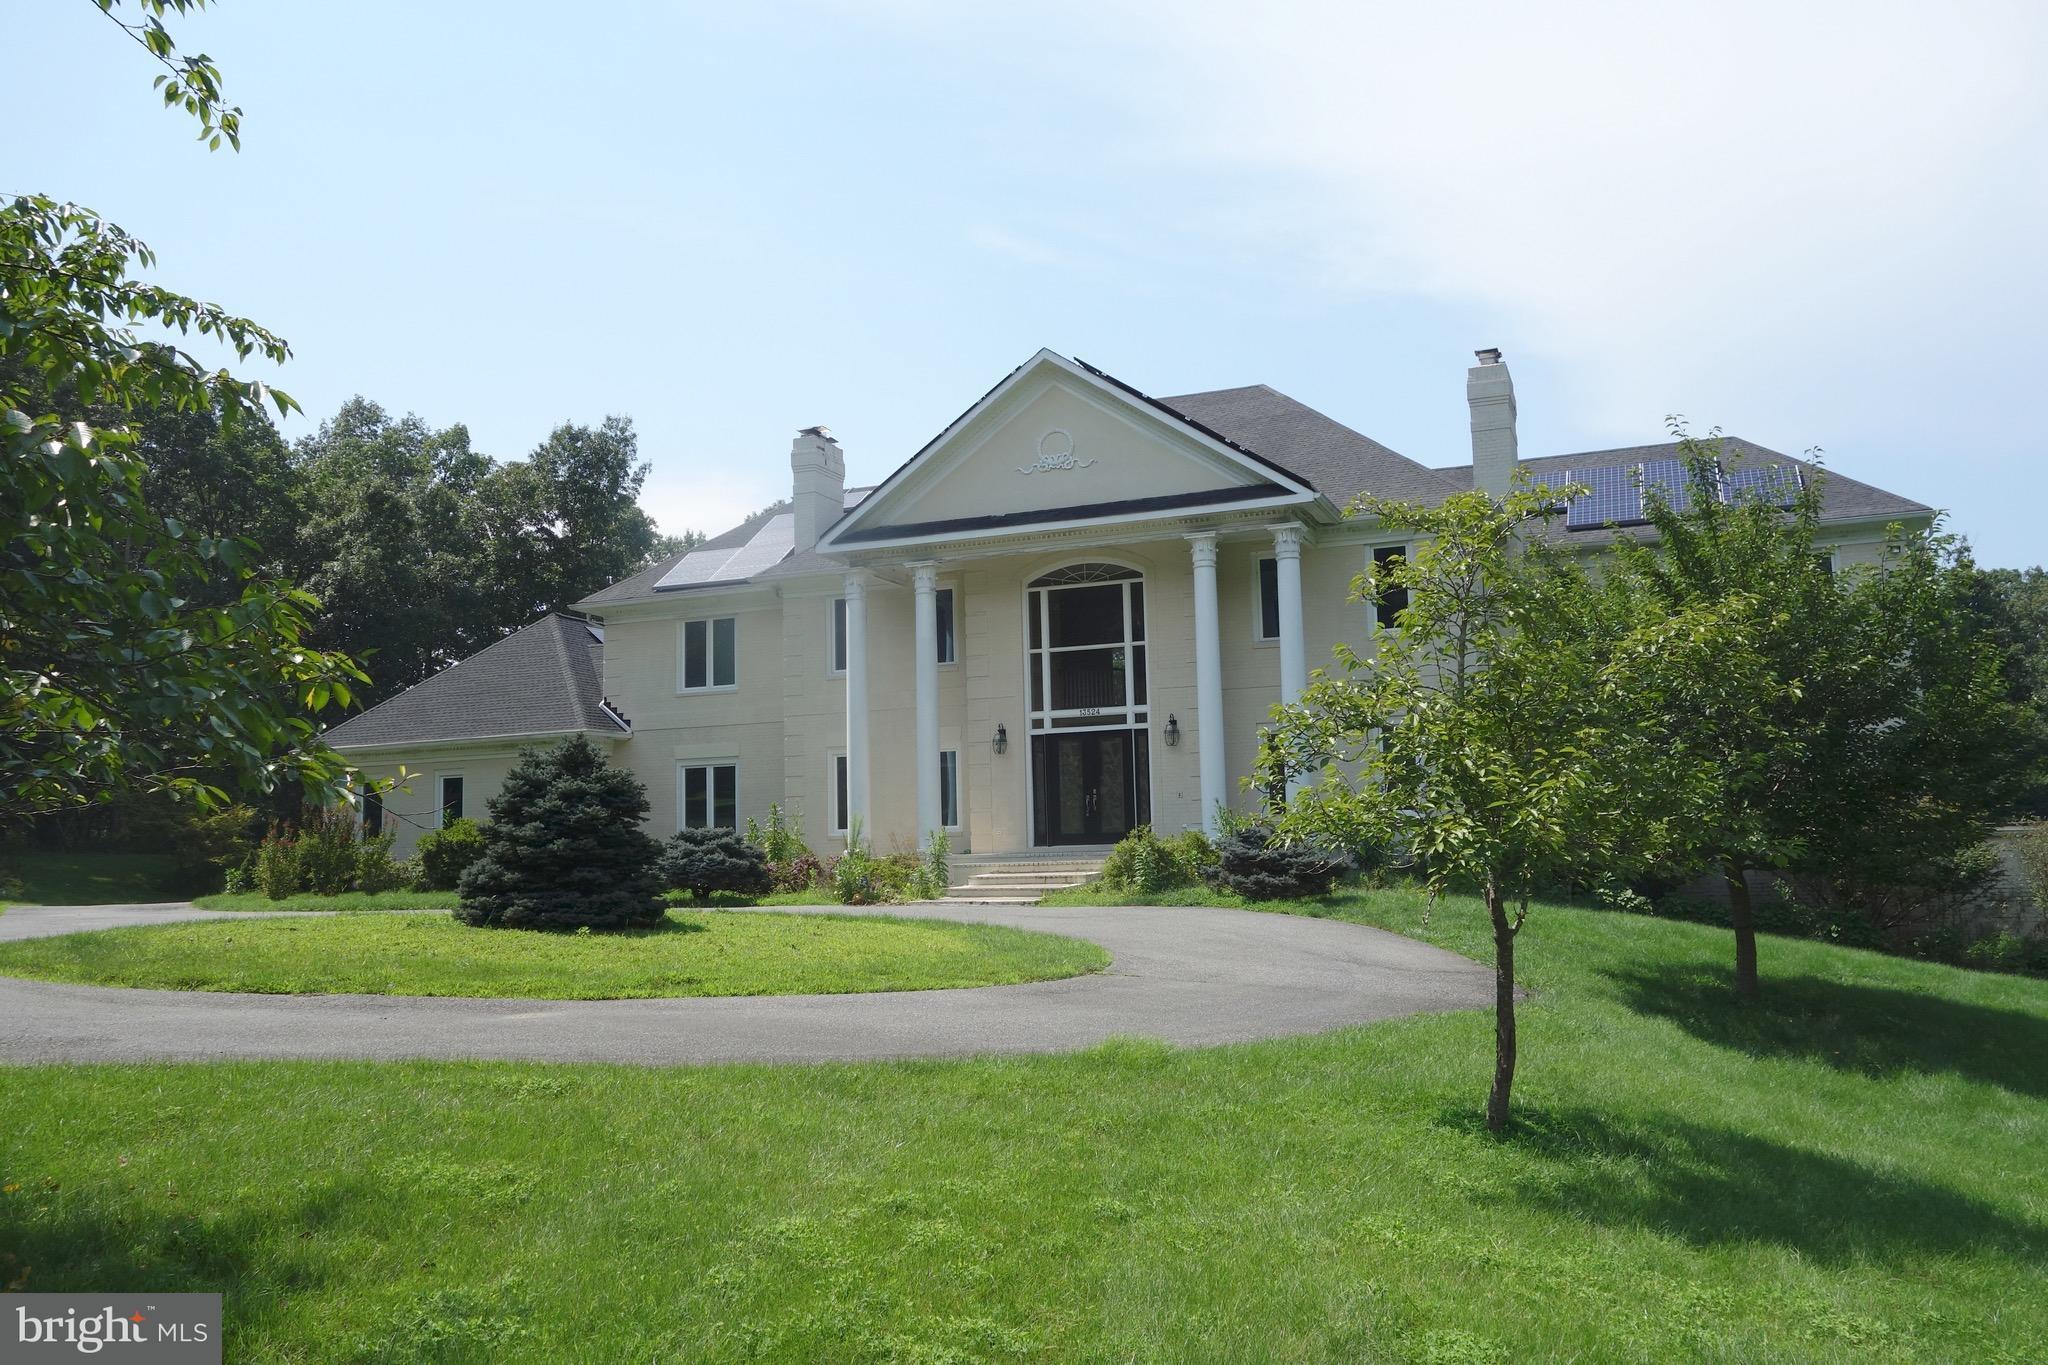 13524 Bonnie Dale Dr, North Potomac, MD, 20878